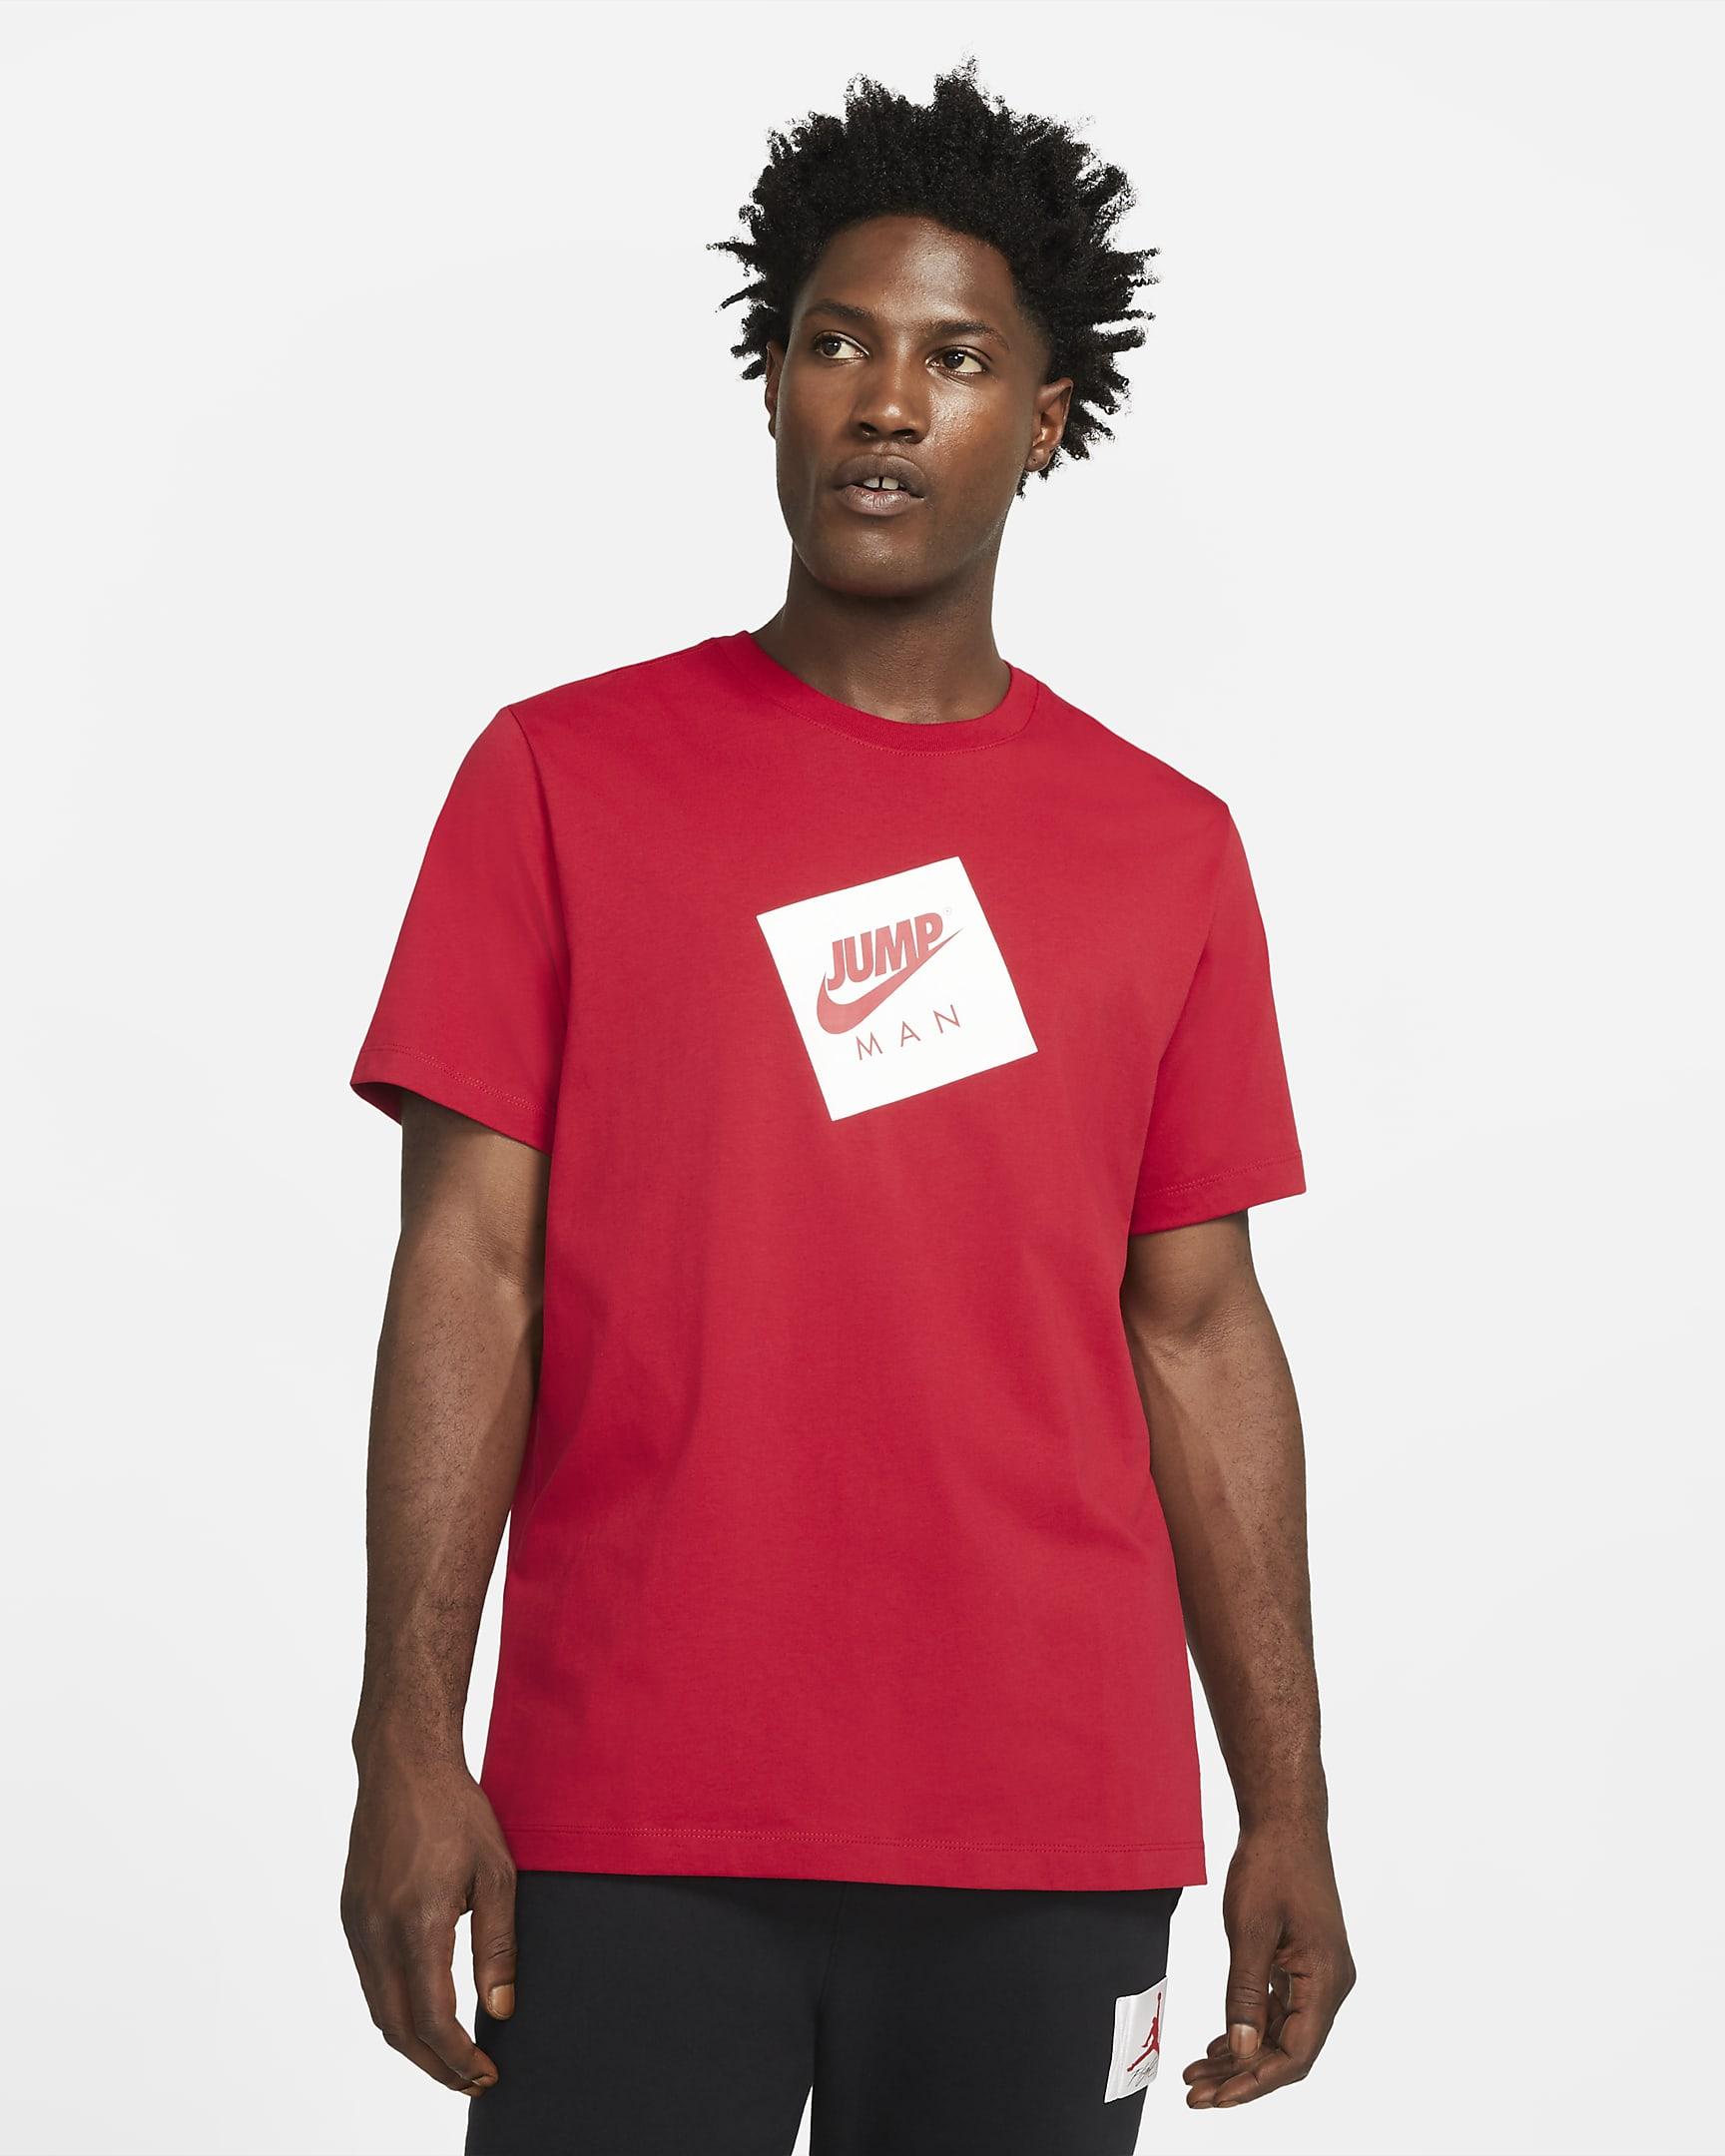 jordan-jumpman-box-mens-short-sleeve-t-shirt-JL094l-1